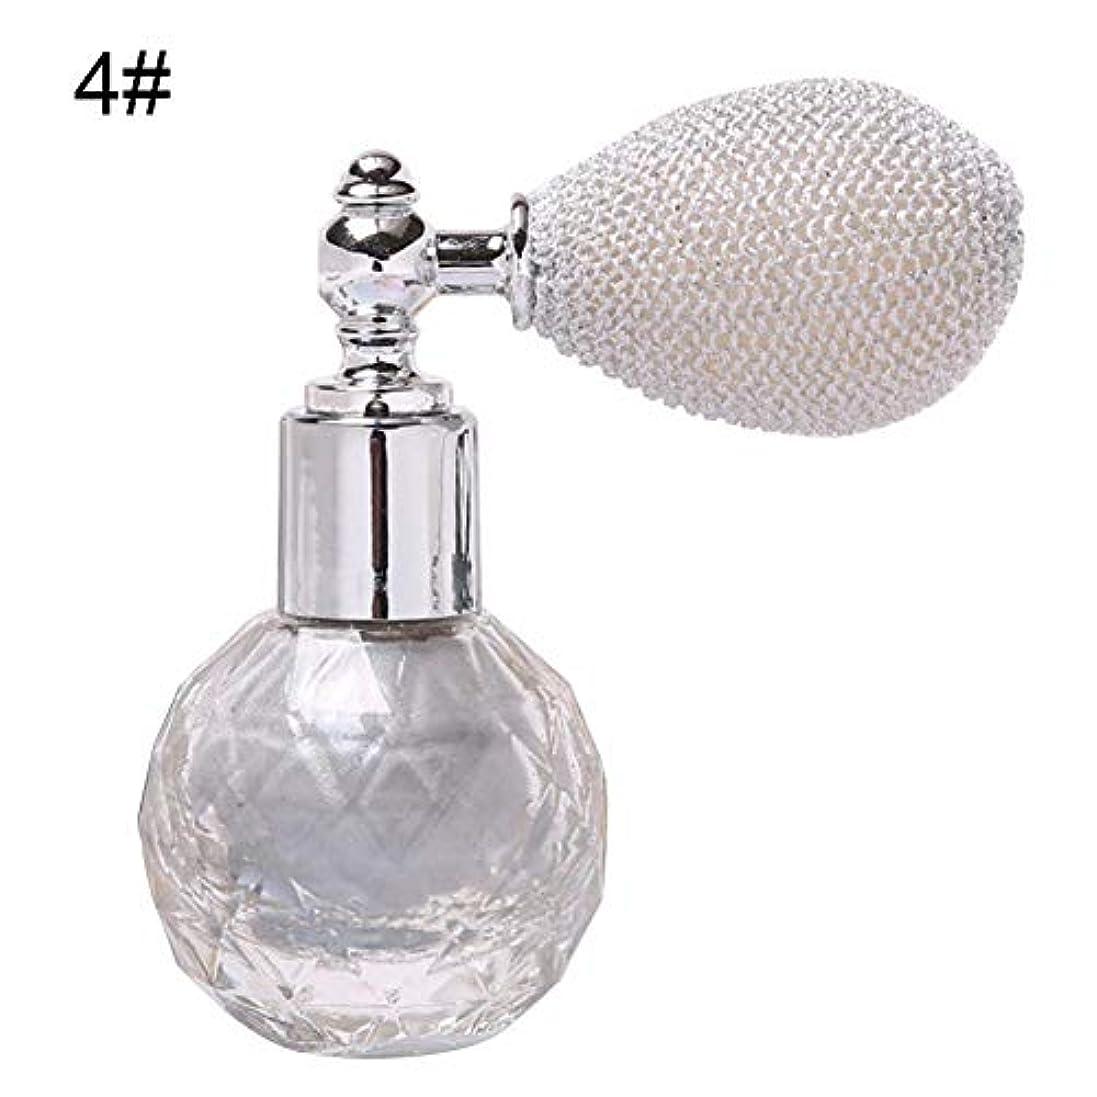 半ばウェーハ輪郭ガラスボトル香水瓶 アトマイザー ポンプ式 香水瓶 クリア星柄ストリームラインデザイン シルバーワインスプレー 100ML ホーム飾り 装飾雑貨